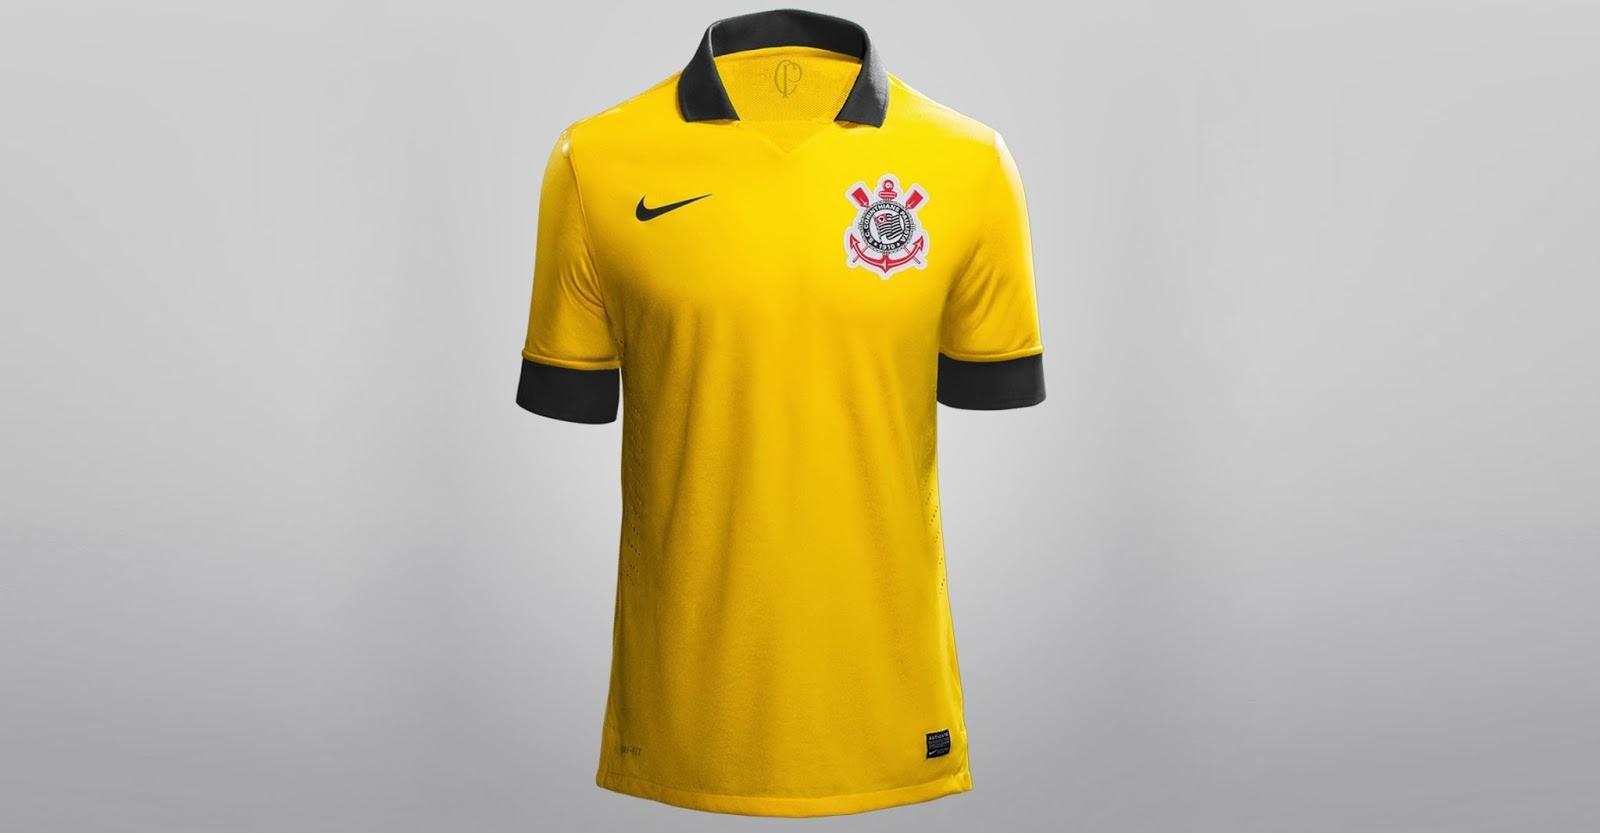 fb87a7242b Corinthians Campeão  Corinthians - Nova camisa Amarela do Corinthians